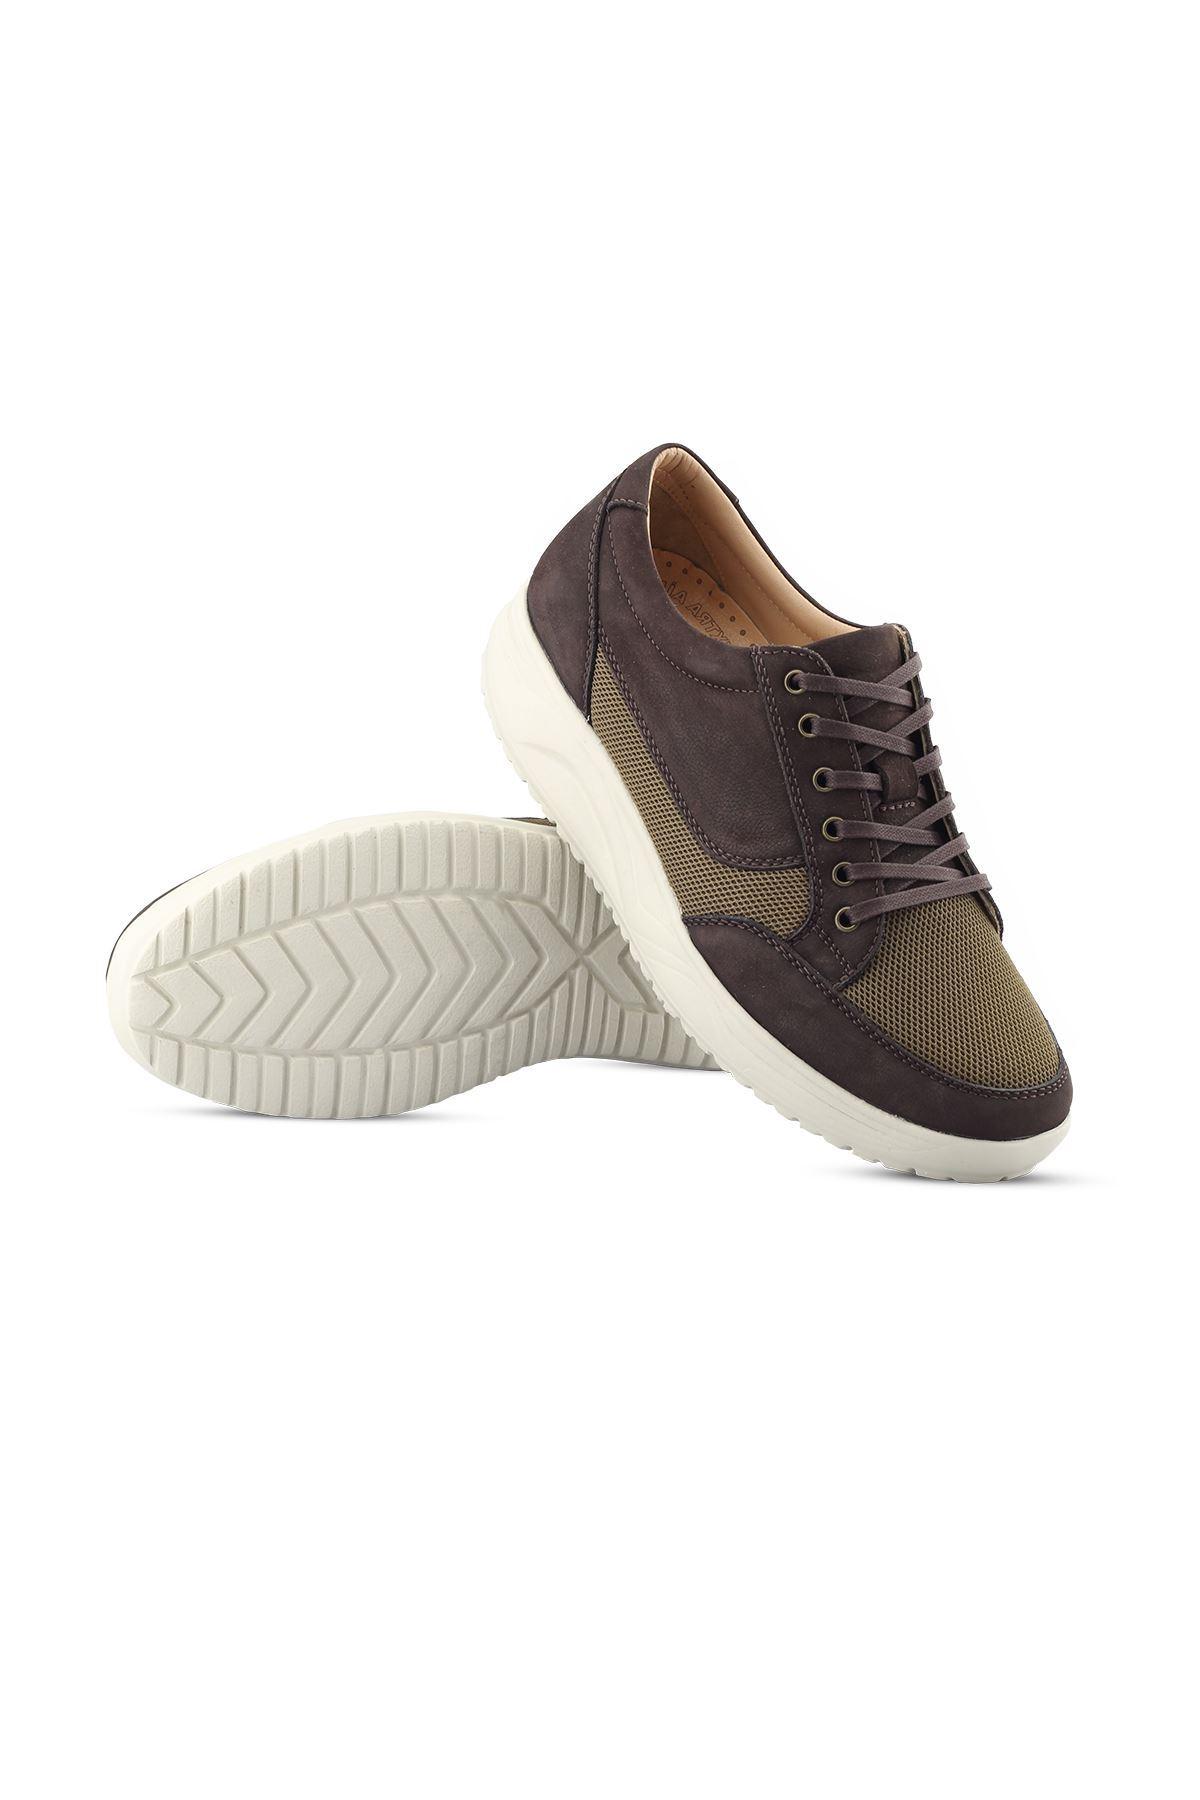 1656 Nubuk Kahve Erkek Yürüyüş Ayakkabısı